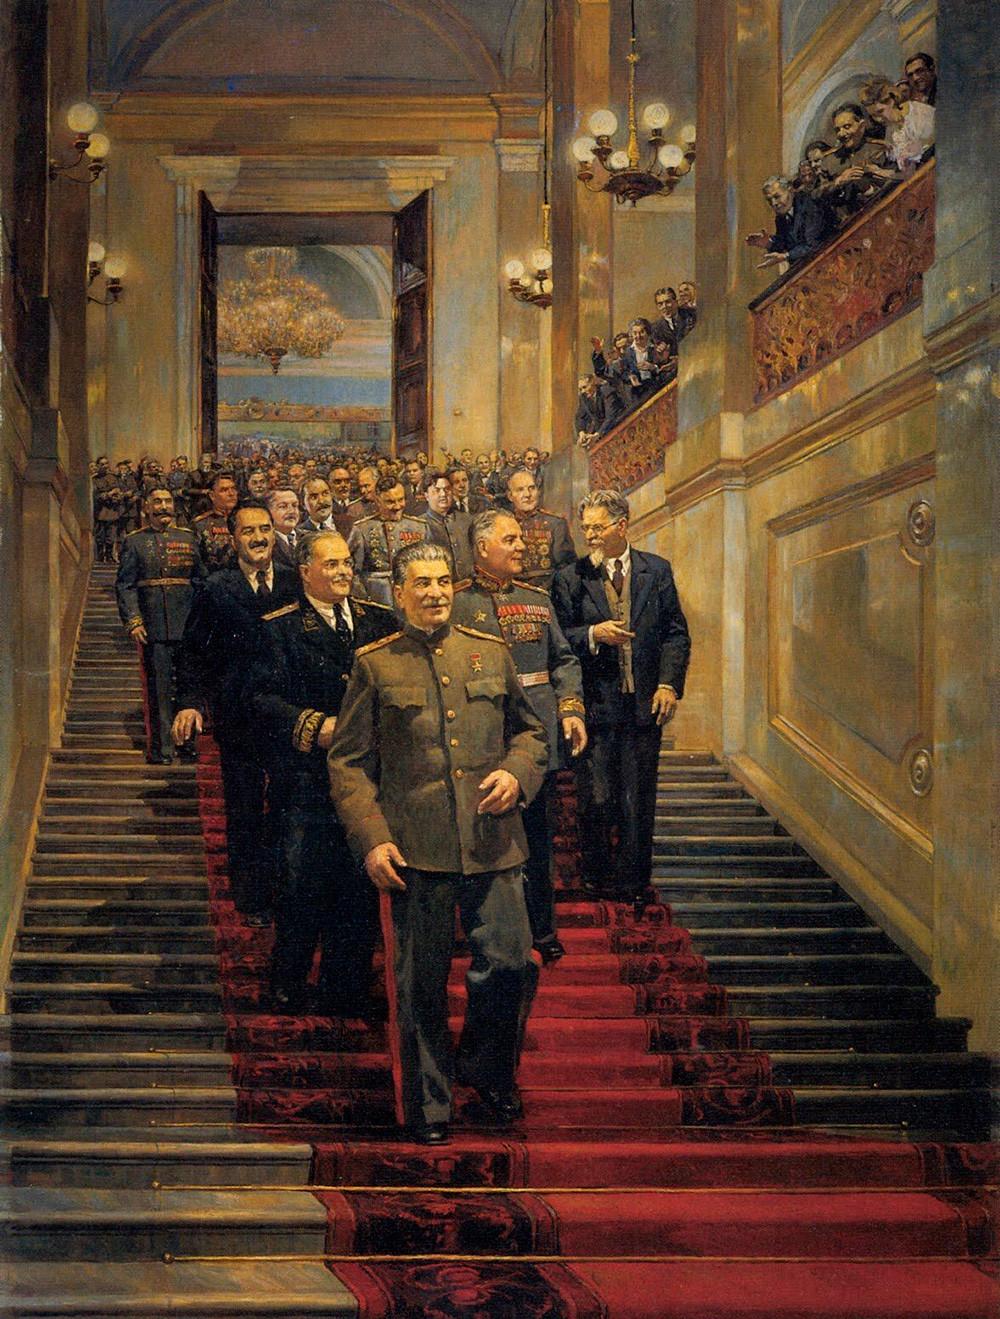 「クレムリン大宮殿にて、1945年5月24日」